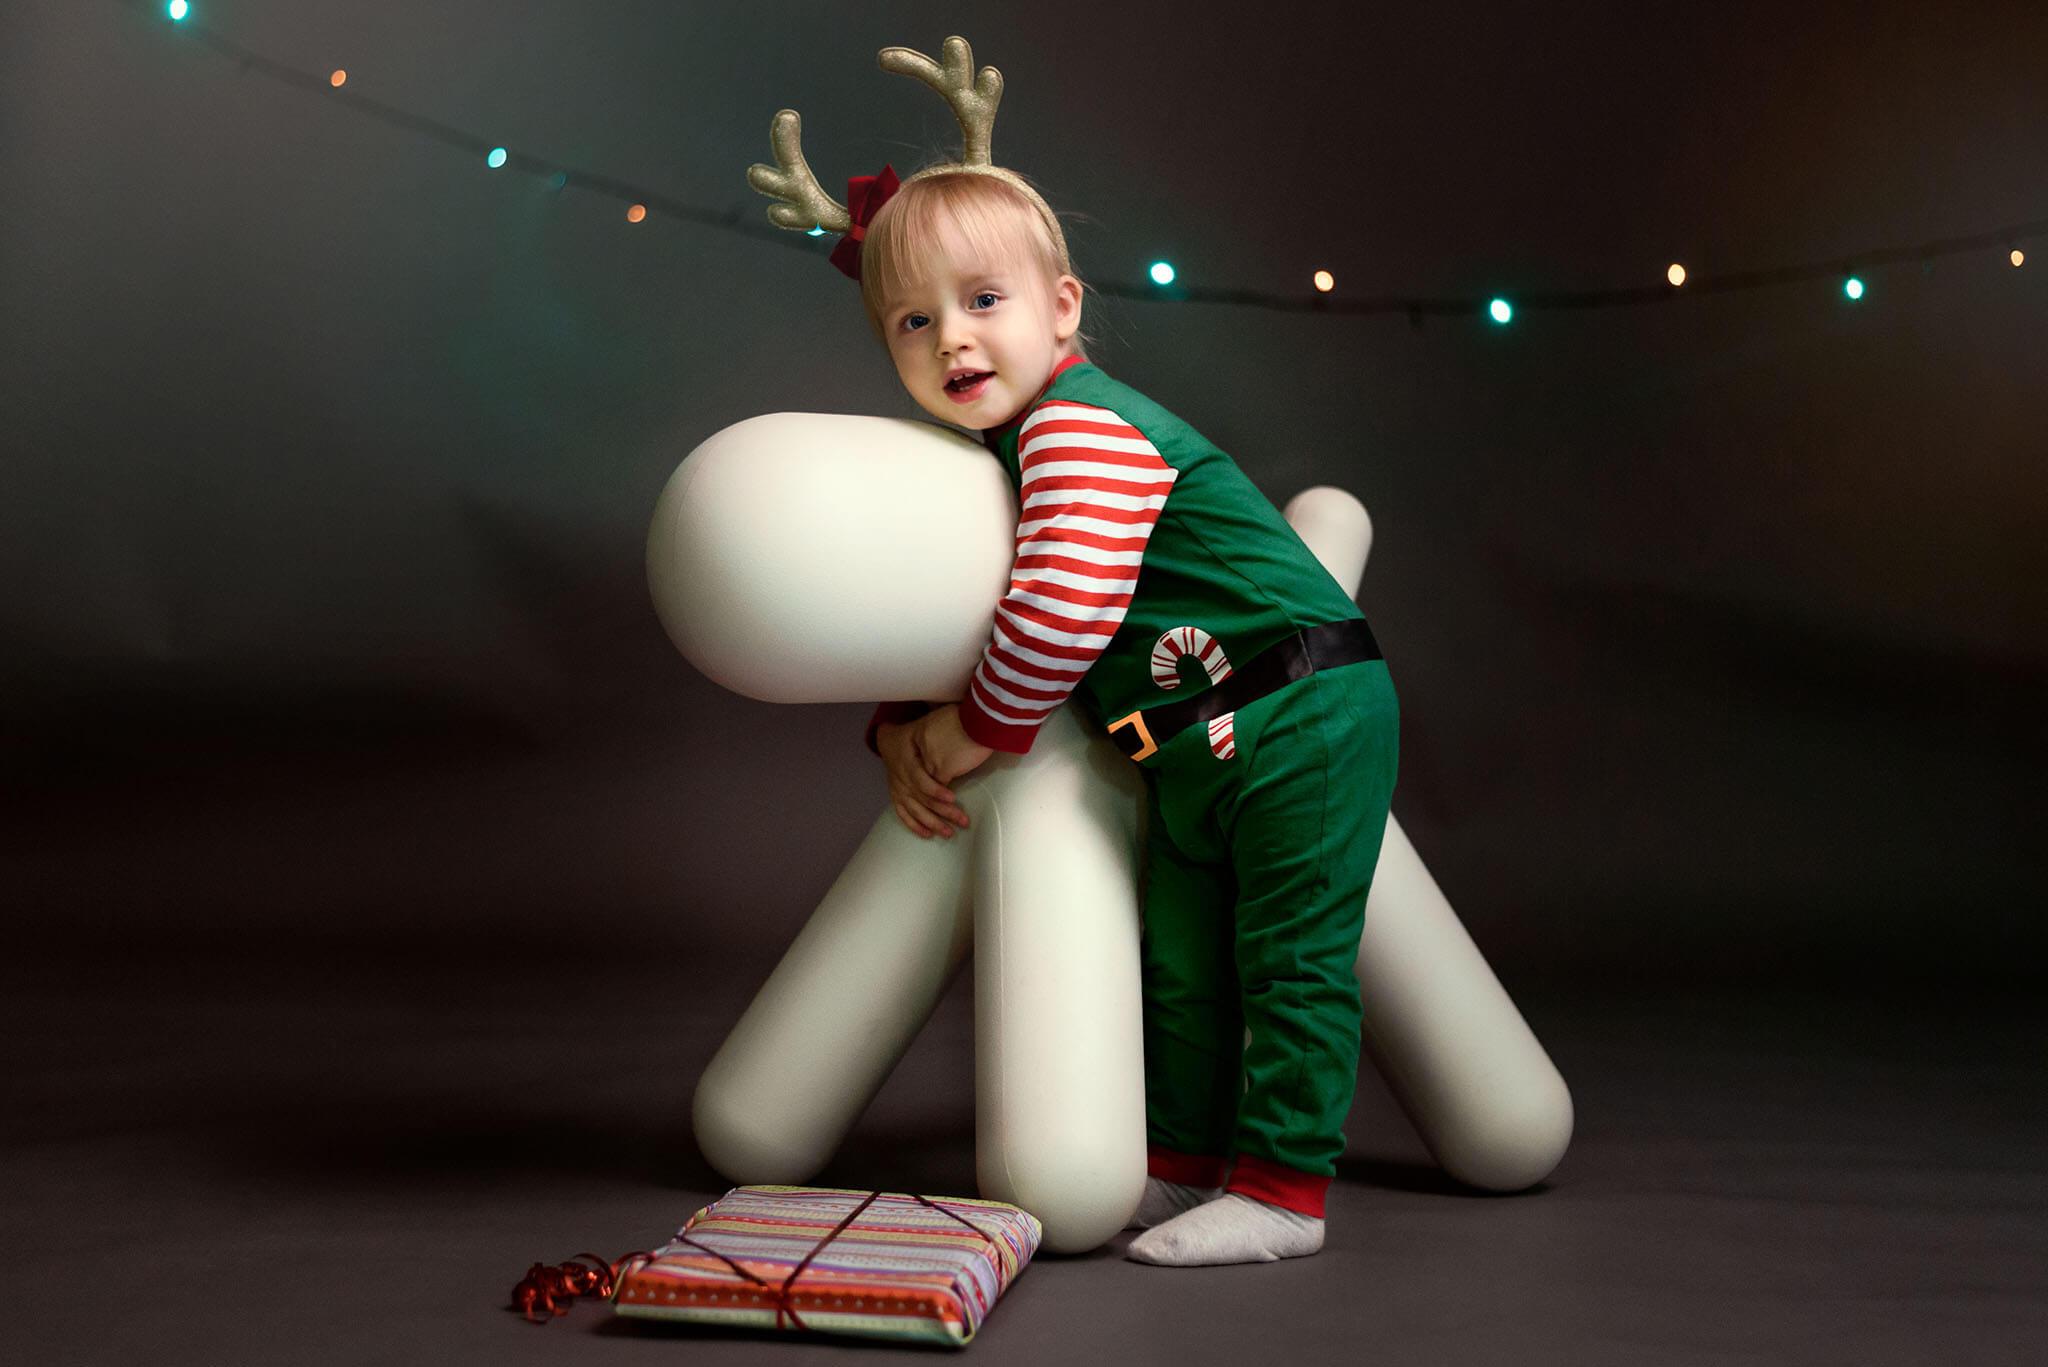 lapsikuvaus-studiokuvaus-joulu